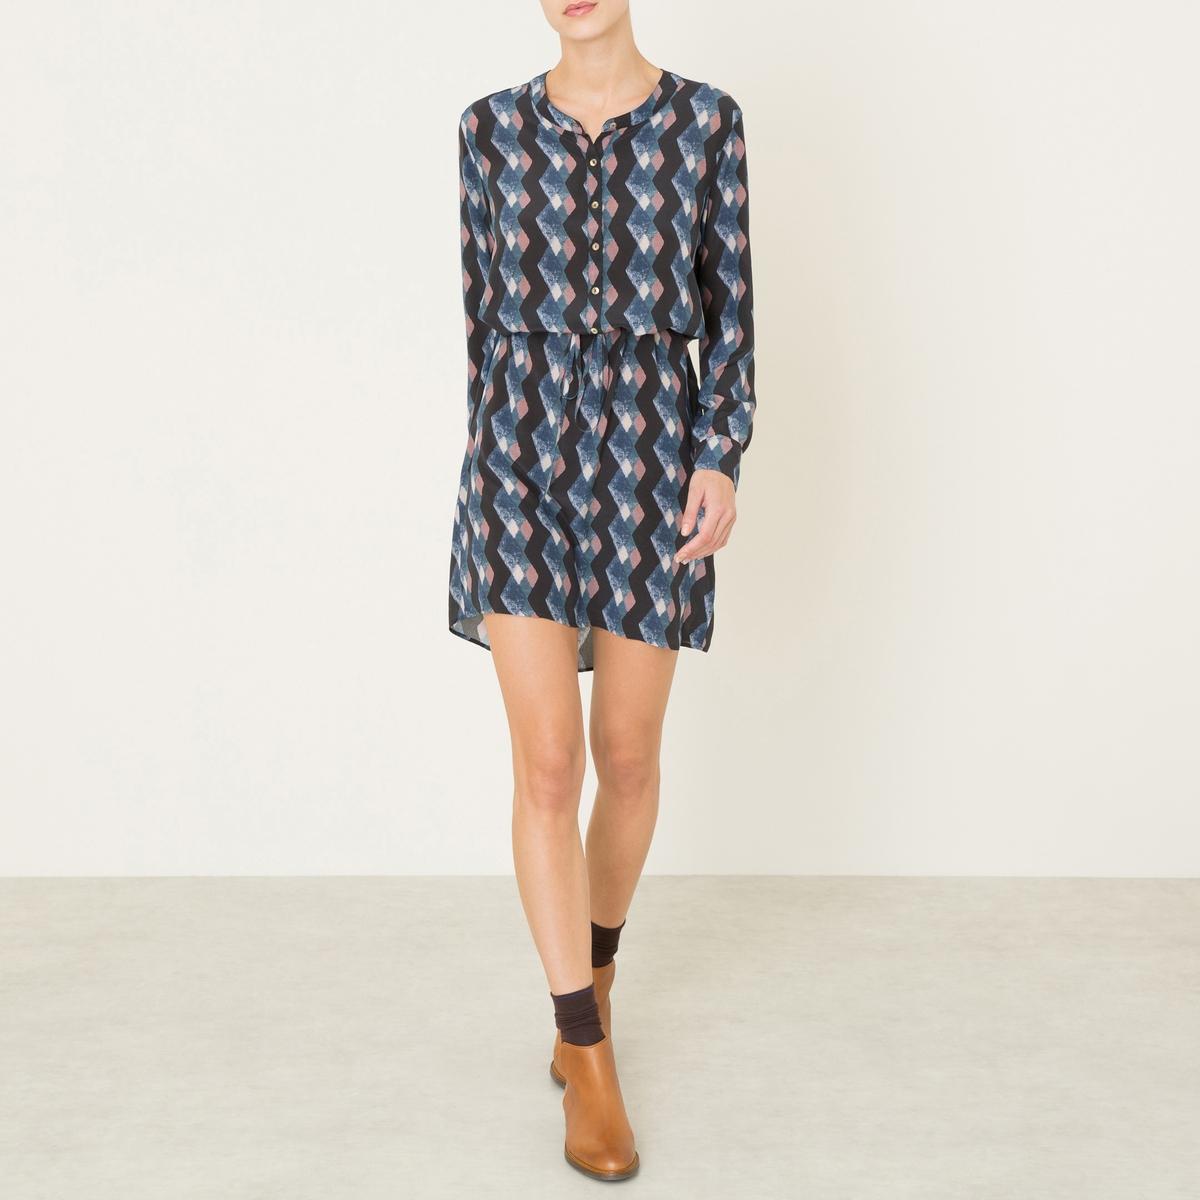 Платье MANITAПлатье DIEGA - модель MANITA. Платье-рубашка со сплошным рисунком. V-образный вырез и планка застежки на пуговицы. Рукава с отворотами. Тонкий кожаный пояс.Состав и описание Материал : 100% шелкМарка : DIEGA<br><br>Цвет: синий